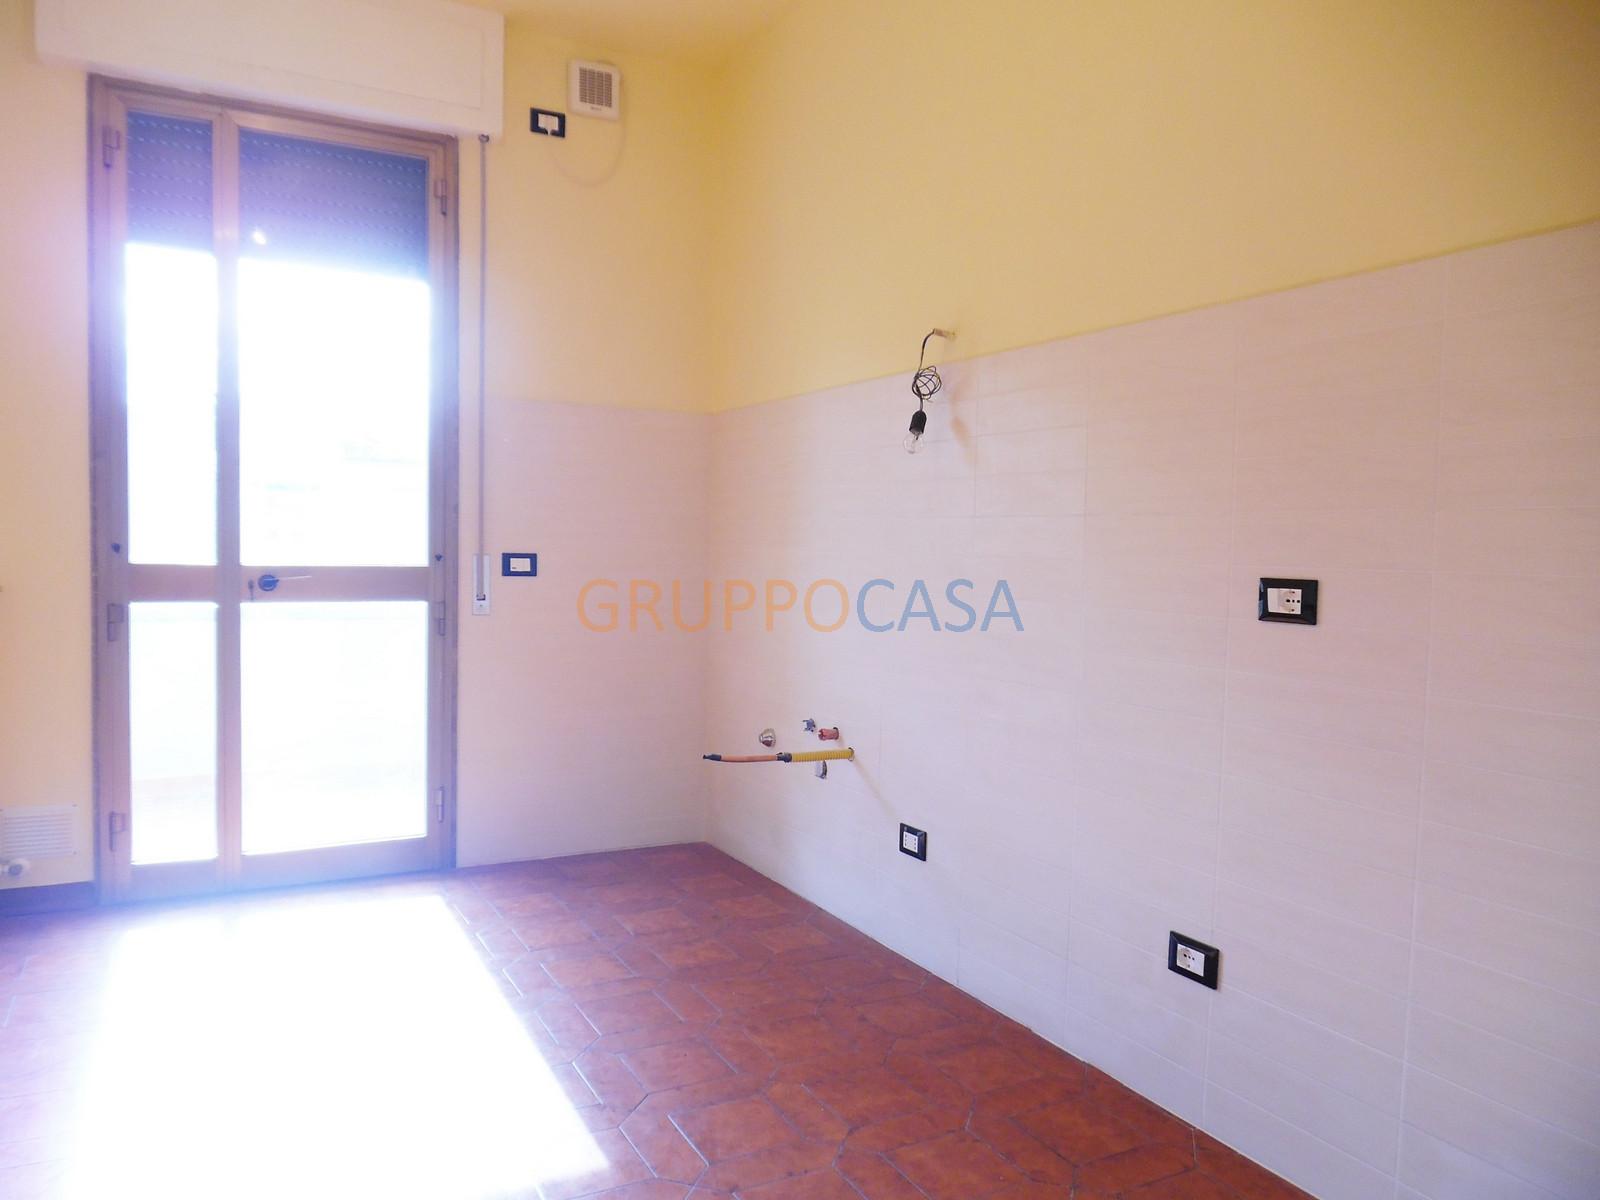 Appartamento in affitto a Chiesina Uzzanese, 4 locali, zona Località: Centro, prezzo € 500 | Cambio Casa.it